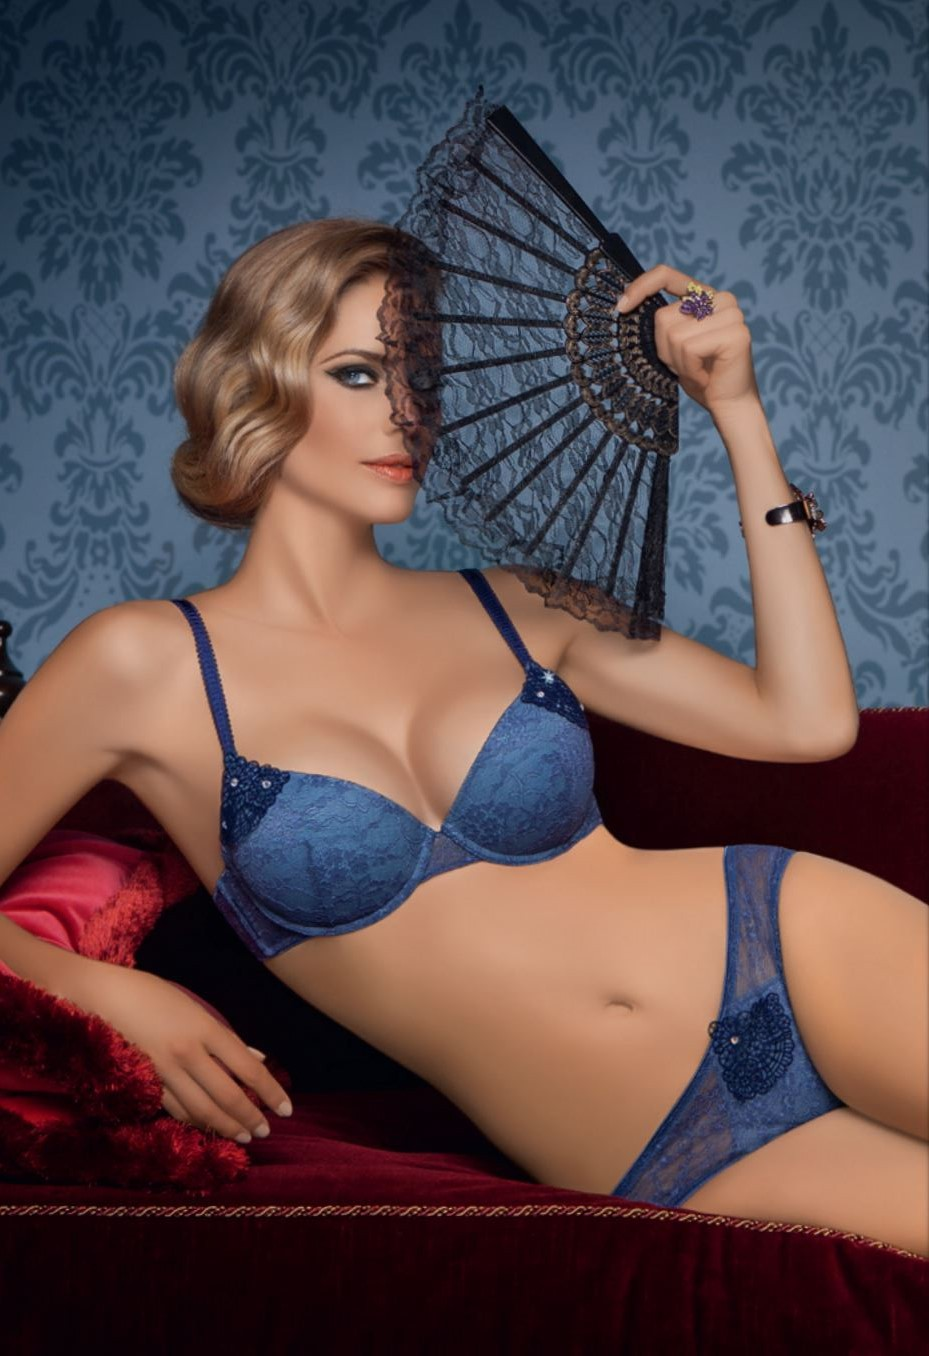 Новые модели нижнего белья Флоранж в закупке Флоранж